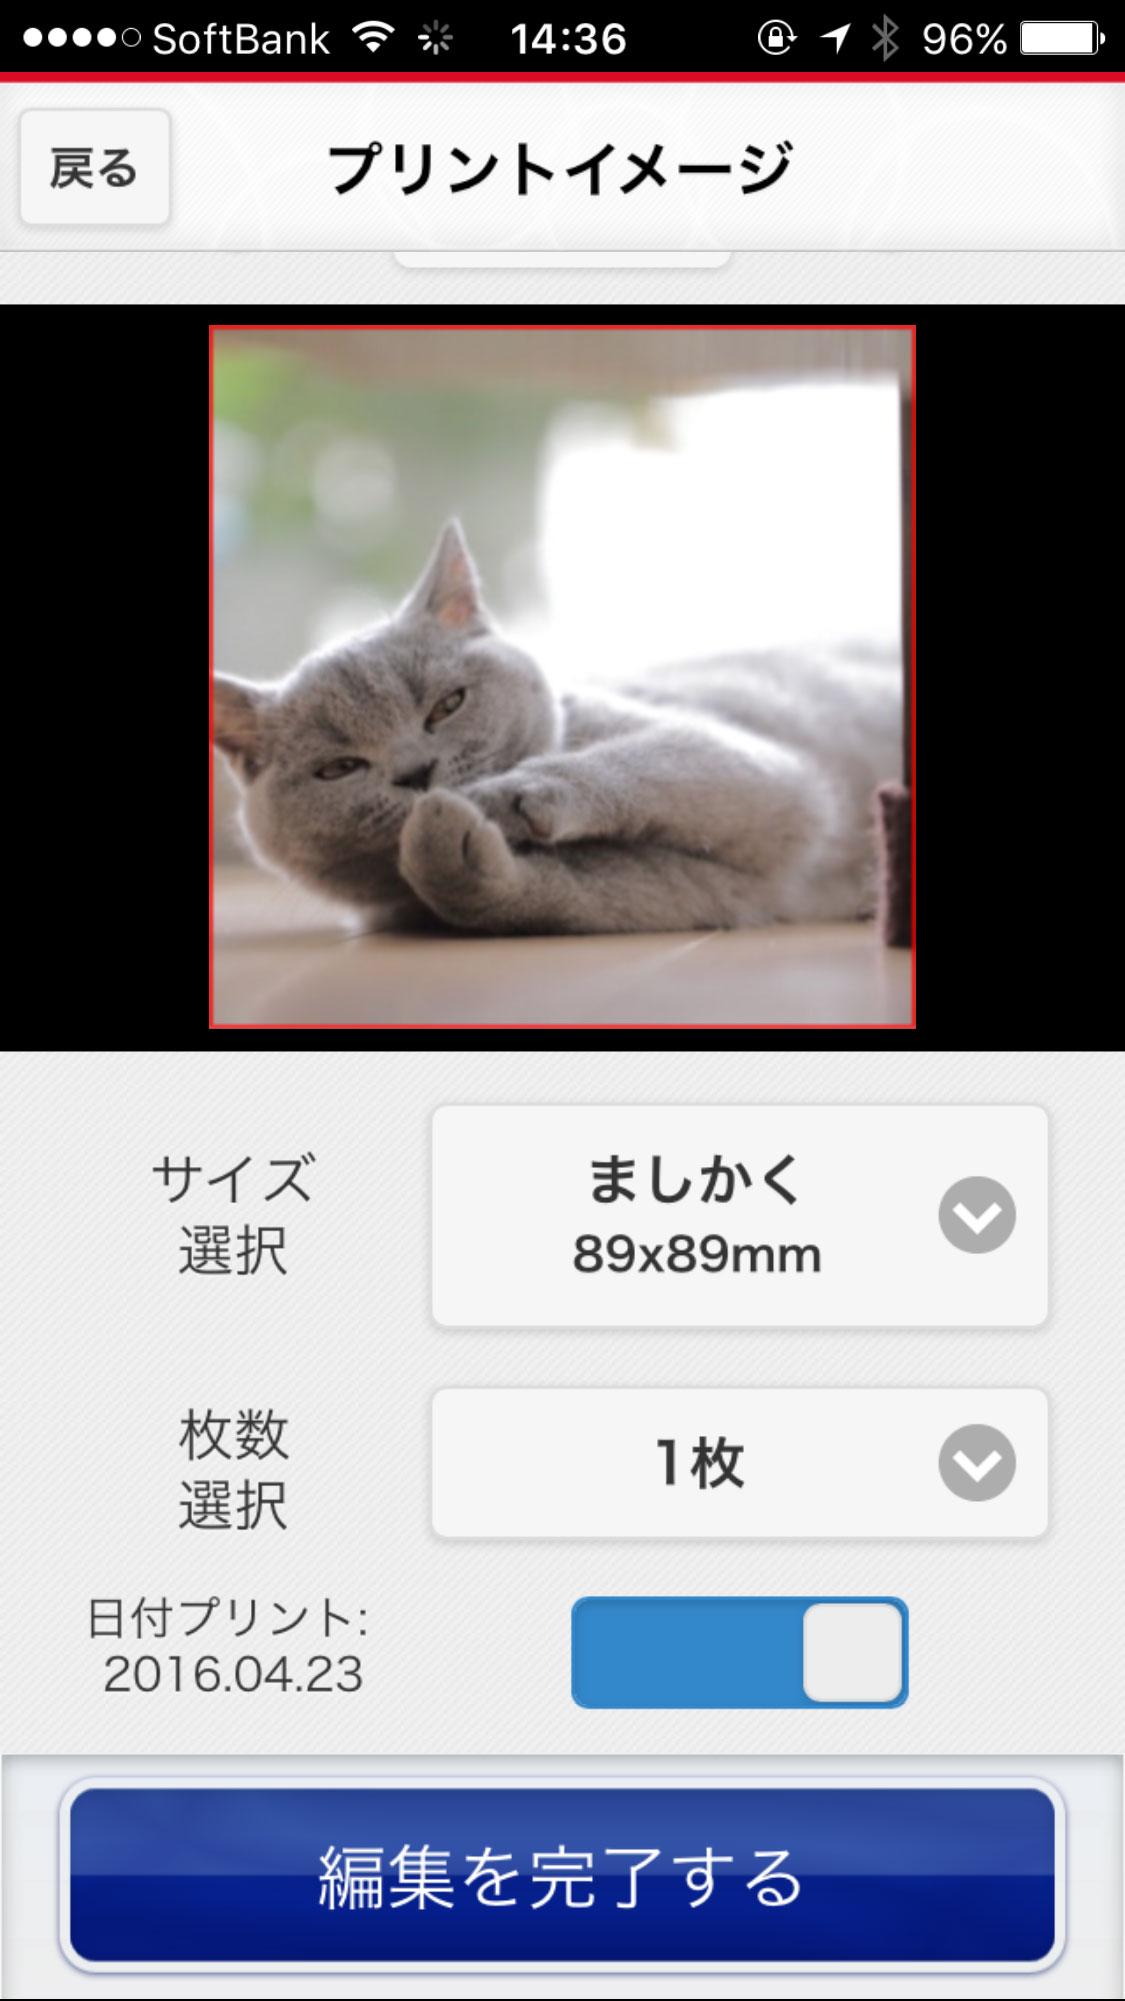 株式会社キタムラ プリント直行便 iPhone版スクリーンショット4